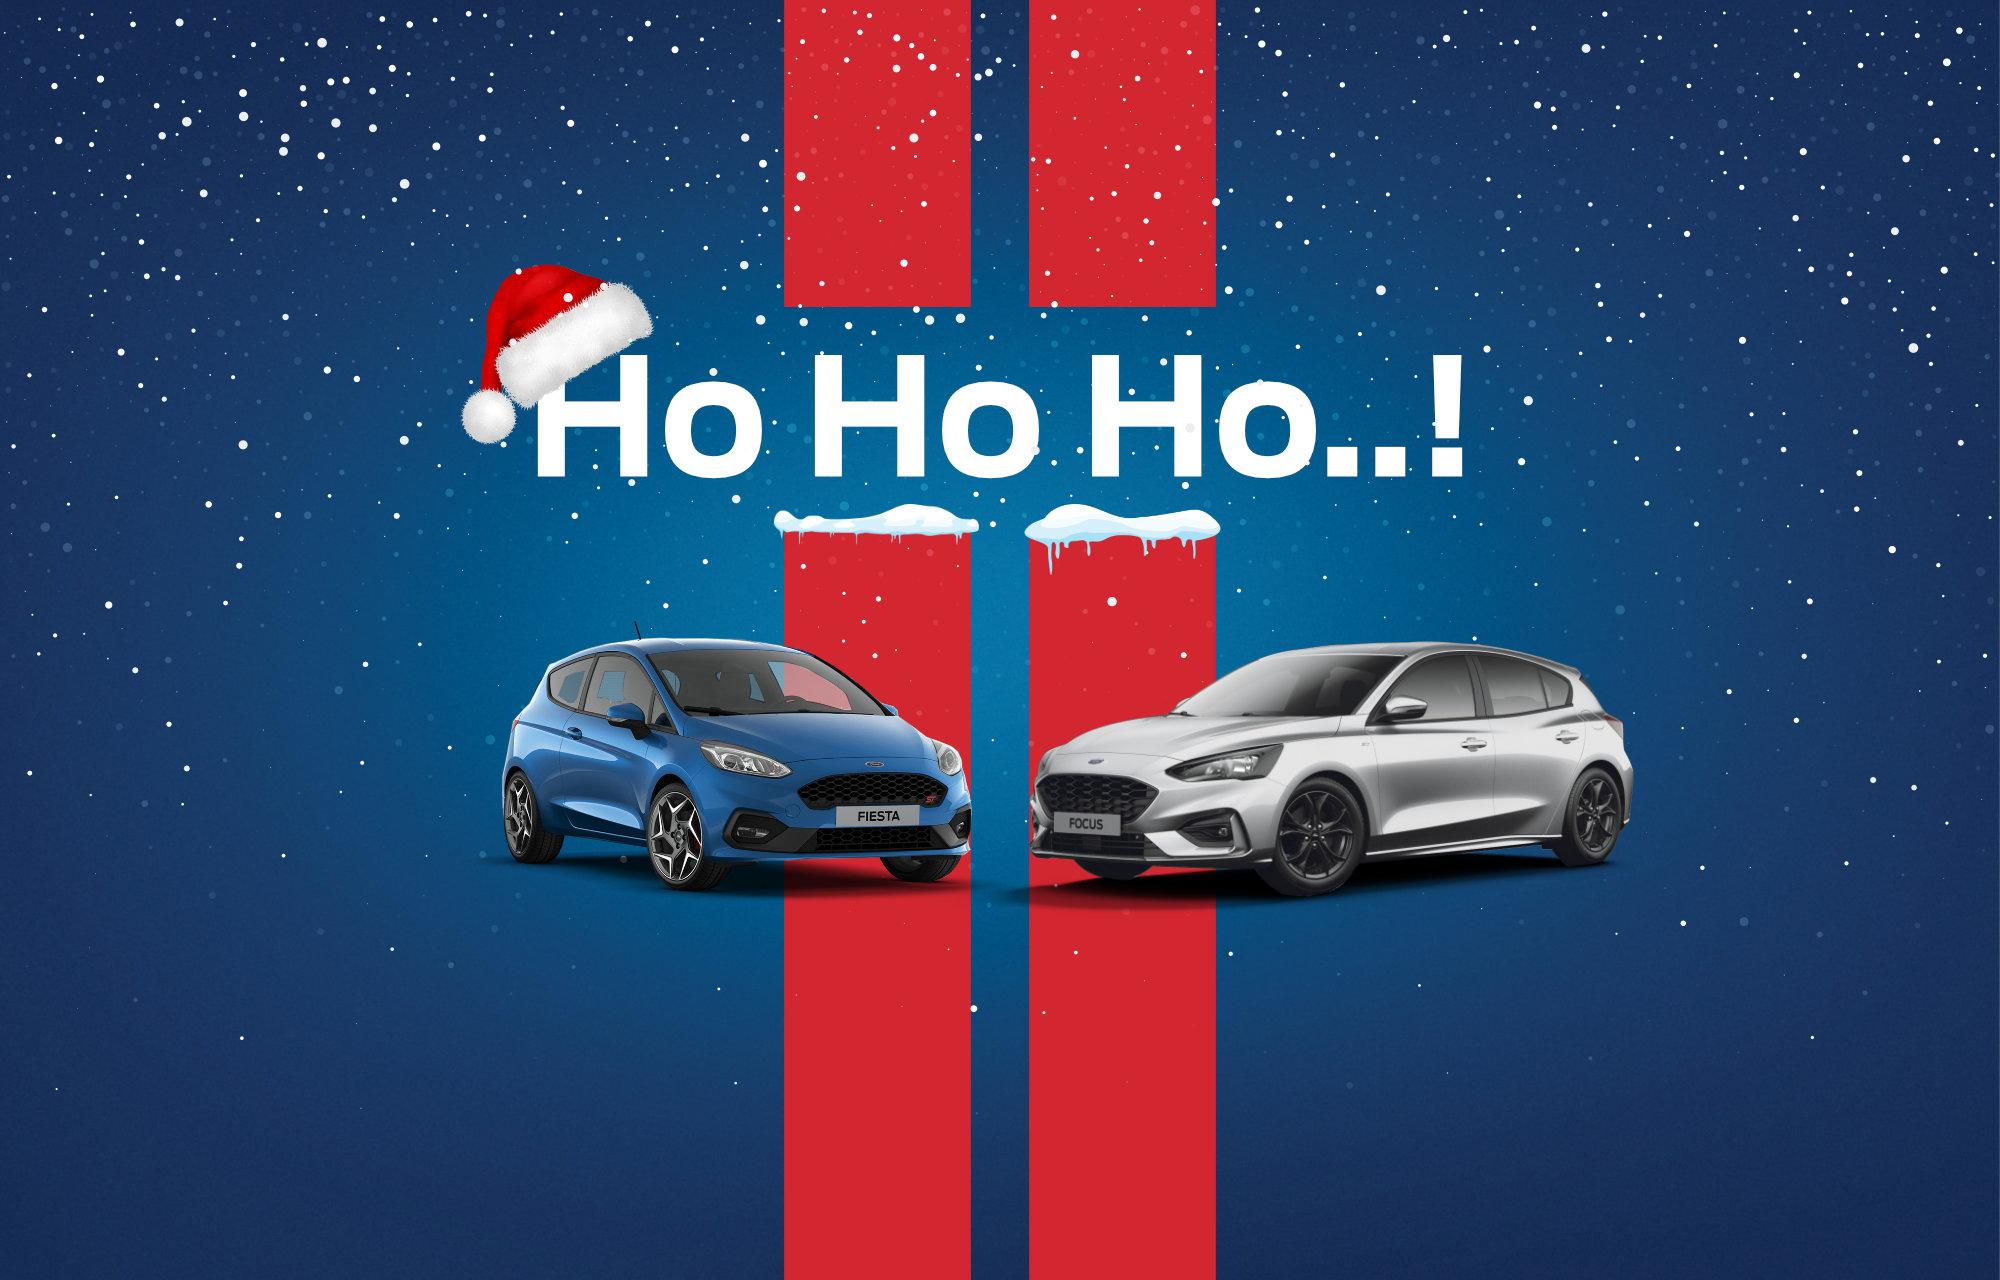 Un très joyeux Noël et de belles fêtes de fin d'années à tous !